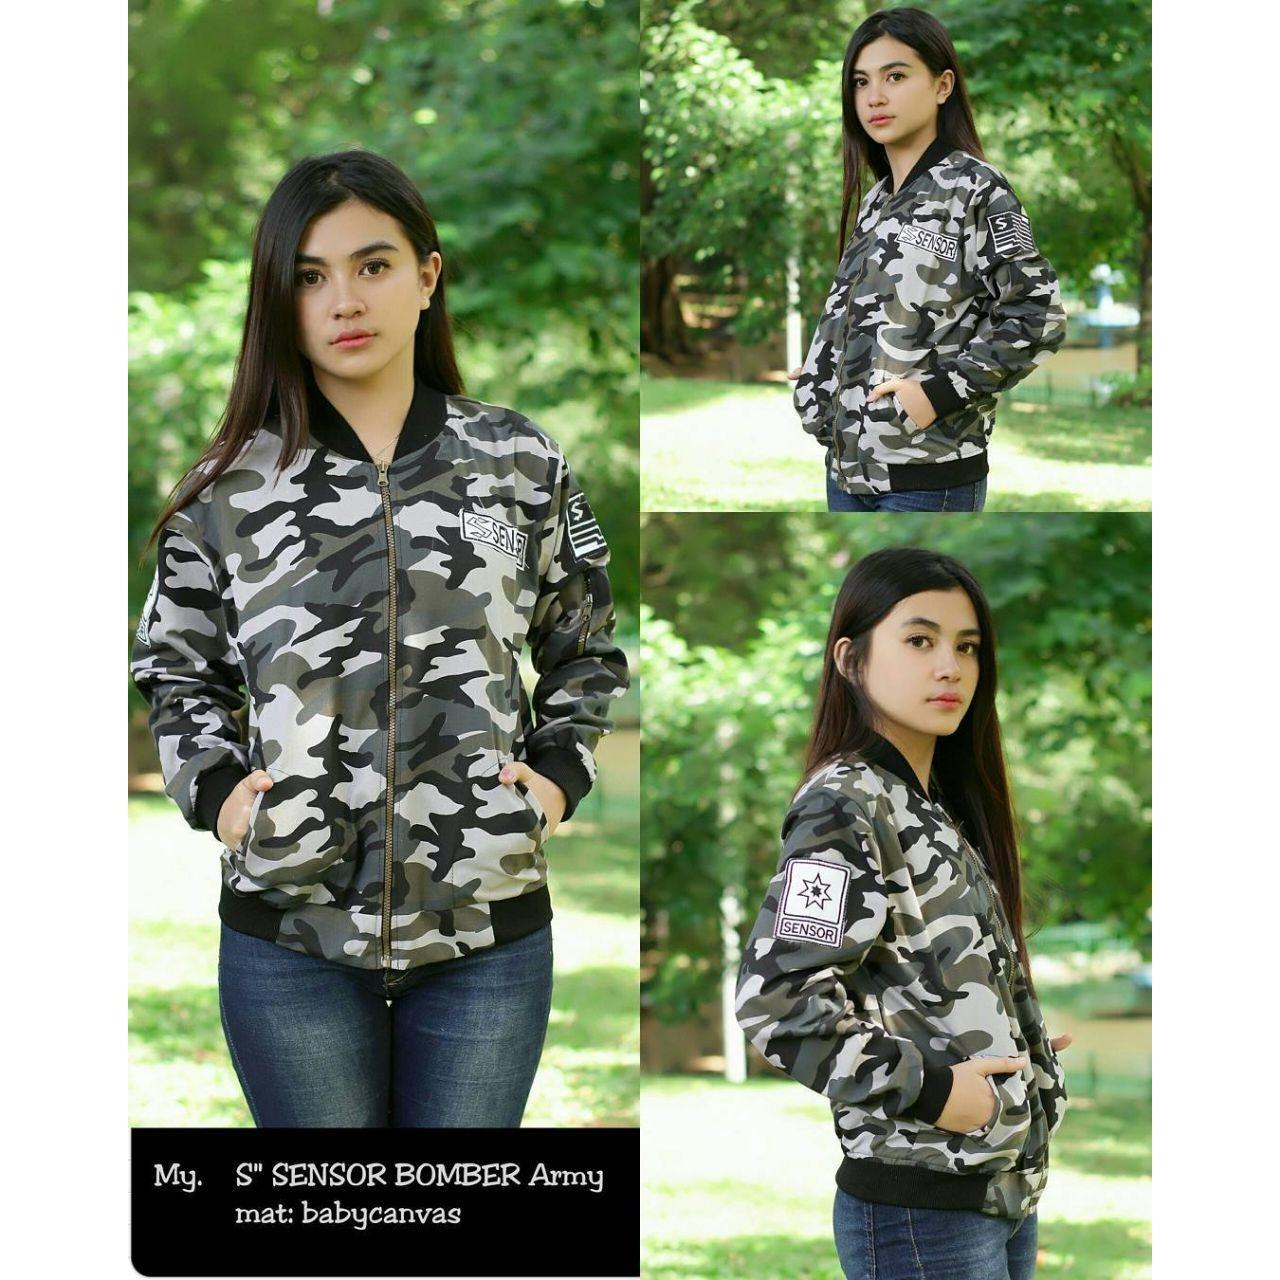 Parka Jaket Wanita Keren Army Green Referensi Daftar Harga Terbaru Cerruty Sensor Bomber Fashion